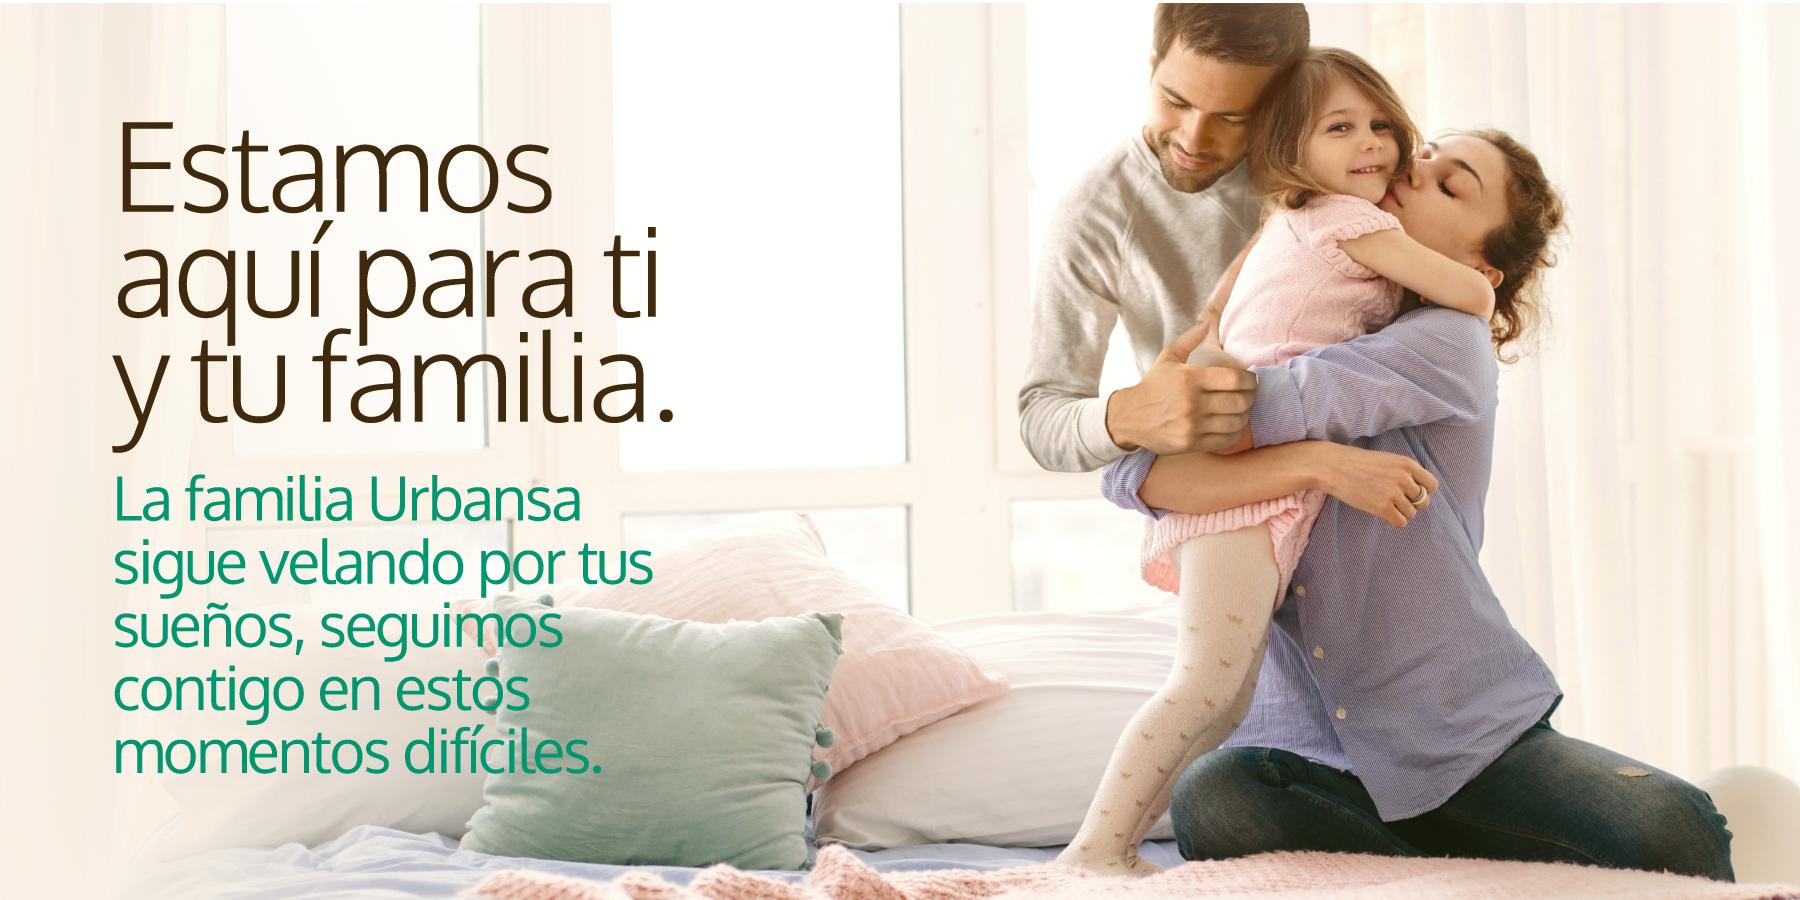 Banner_Contactenos_1800x900px